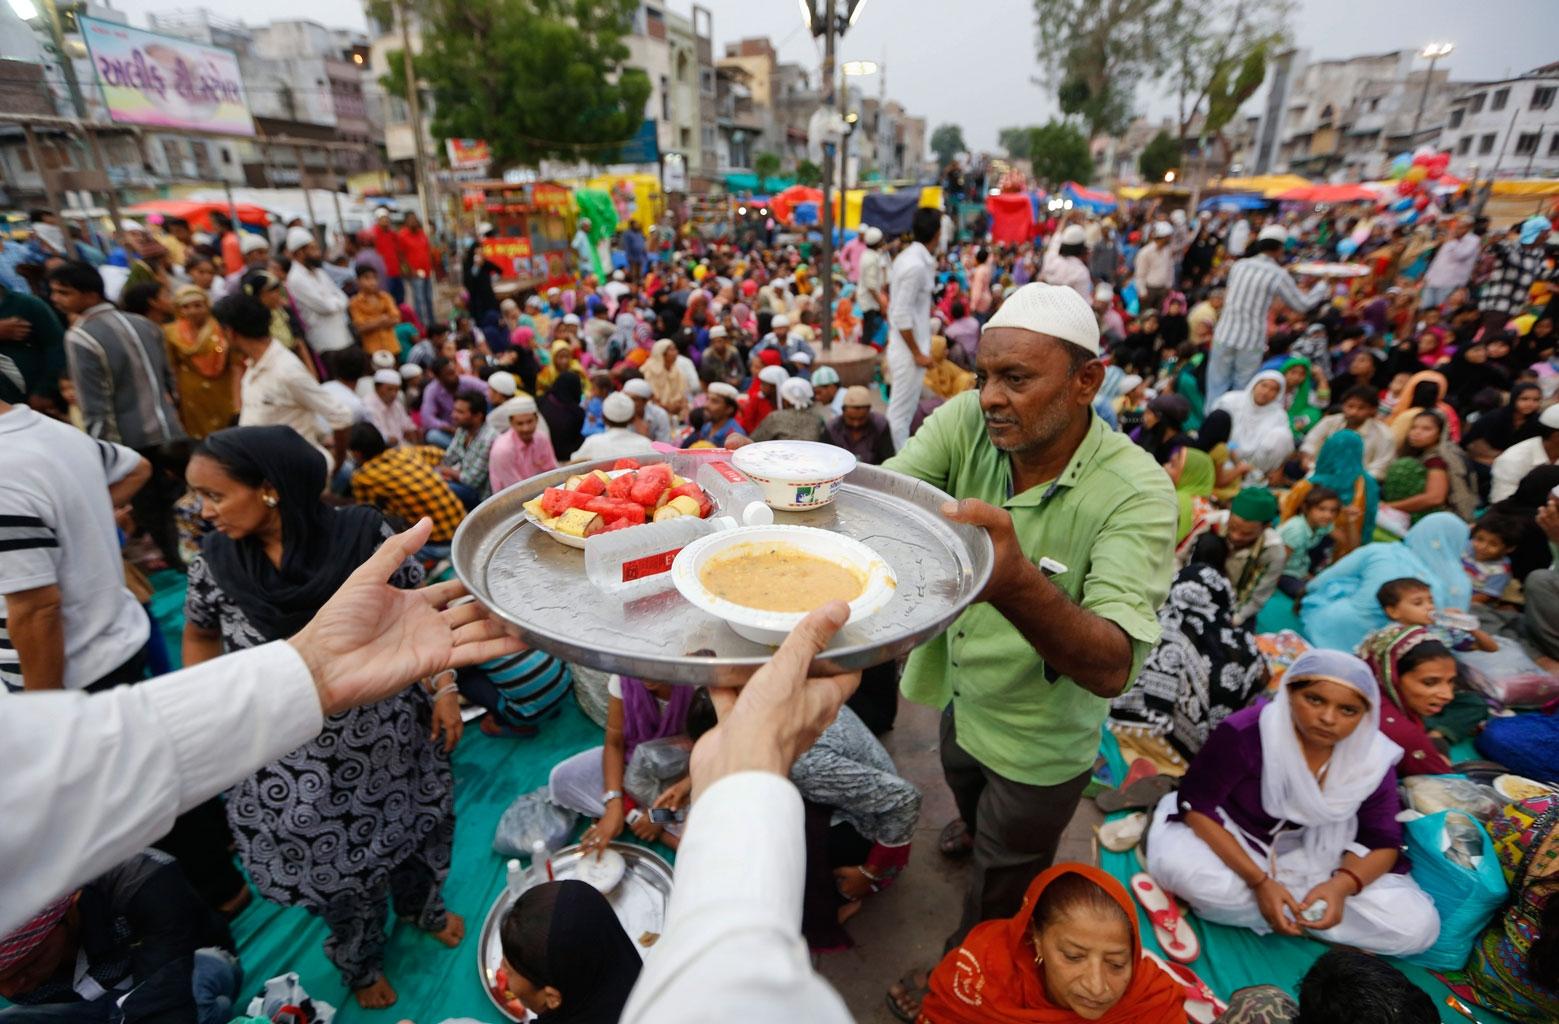 Beautiful India Eid Al-Fitr Food - thequint%2F2016-07%2F175a38a0-94f8-4076-a368-57a9272aa578%2FIndia-Ramadan_Webf-(1)  Perfect Image Reference_568060 .jpg?rect\u003d0%2C223%2C1559%2C520\u0026q\u003d35\u0026auto\u003dformat%2Ccompress\u0026w\u003d960